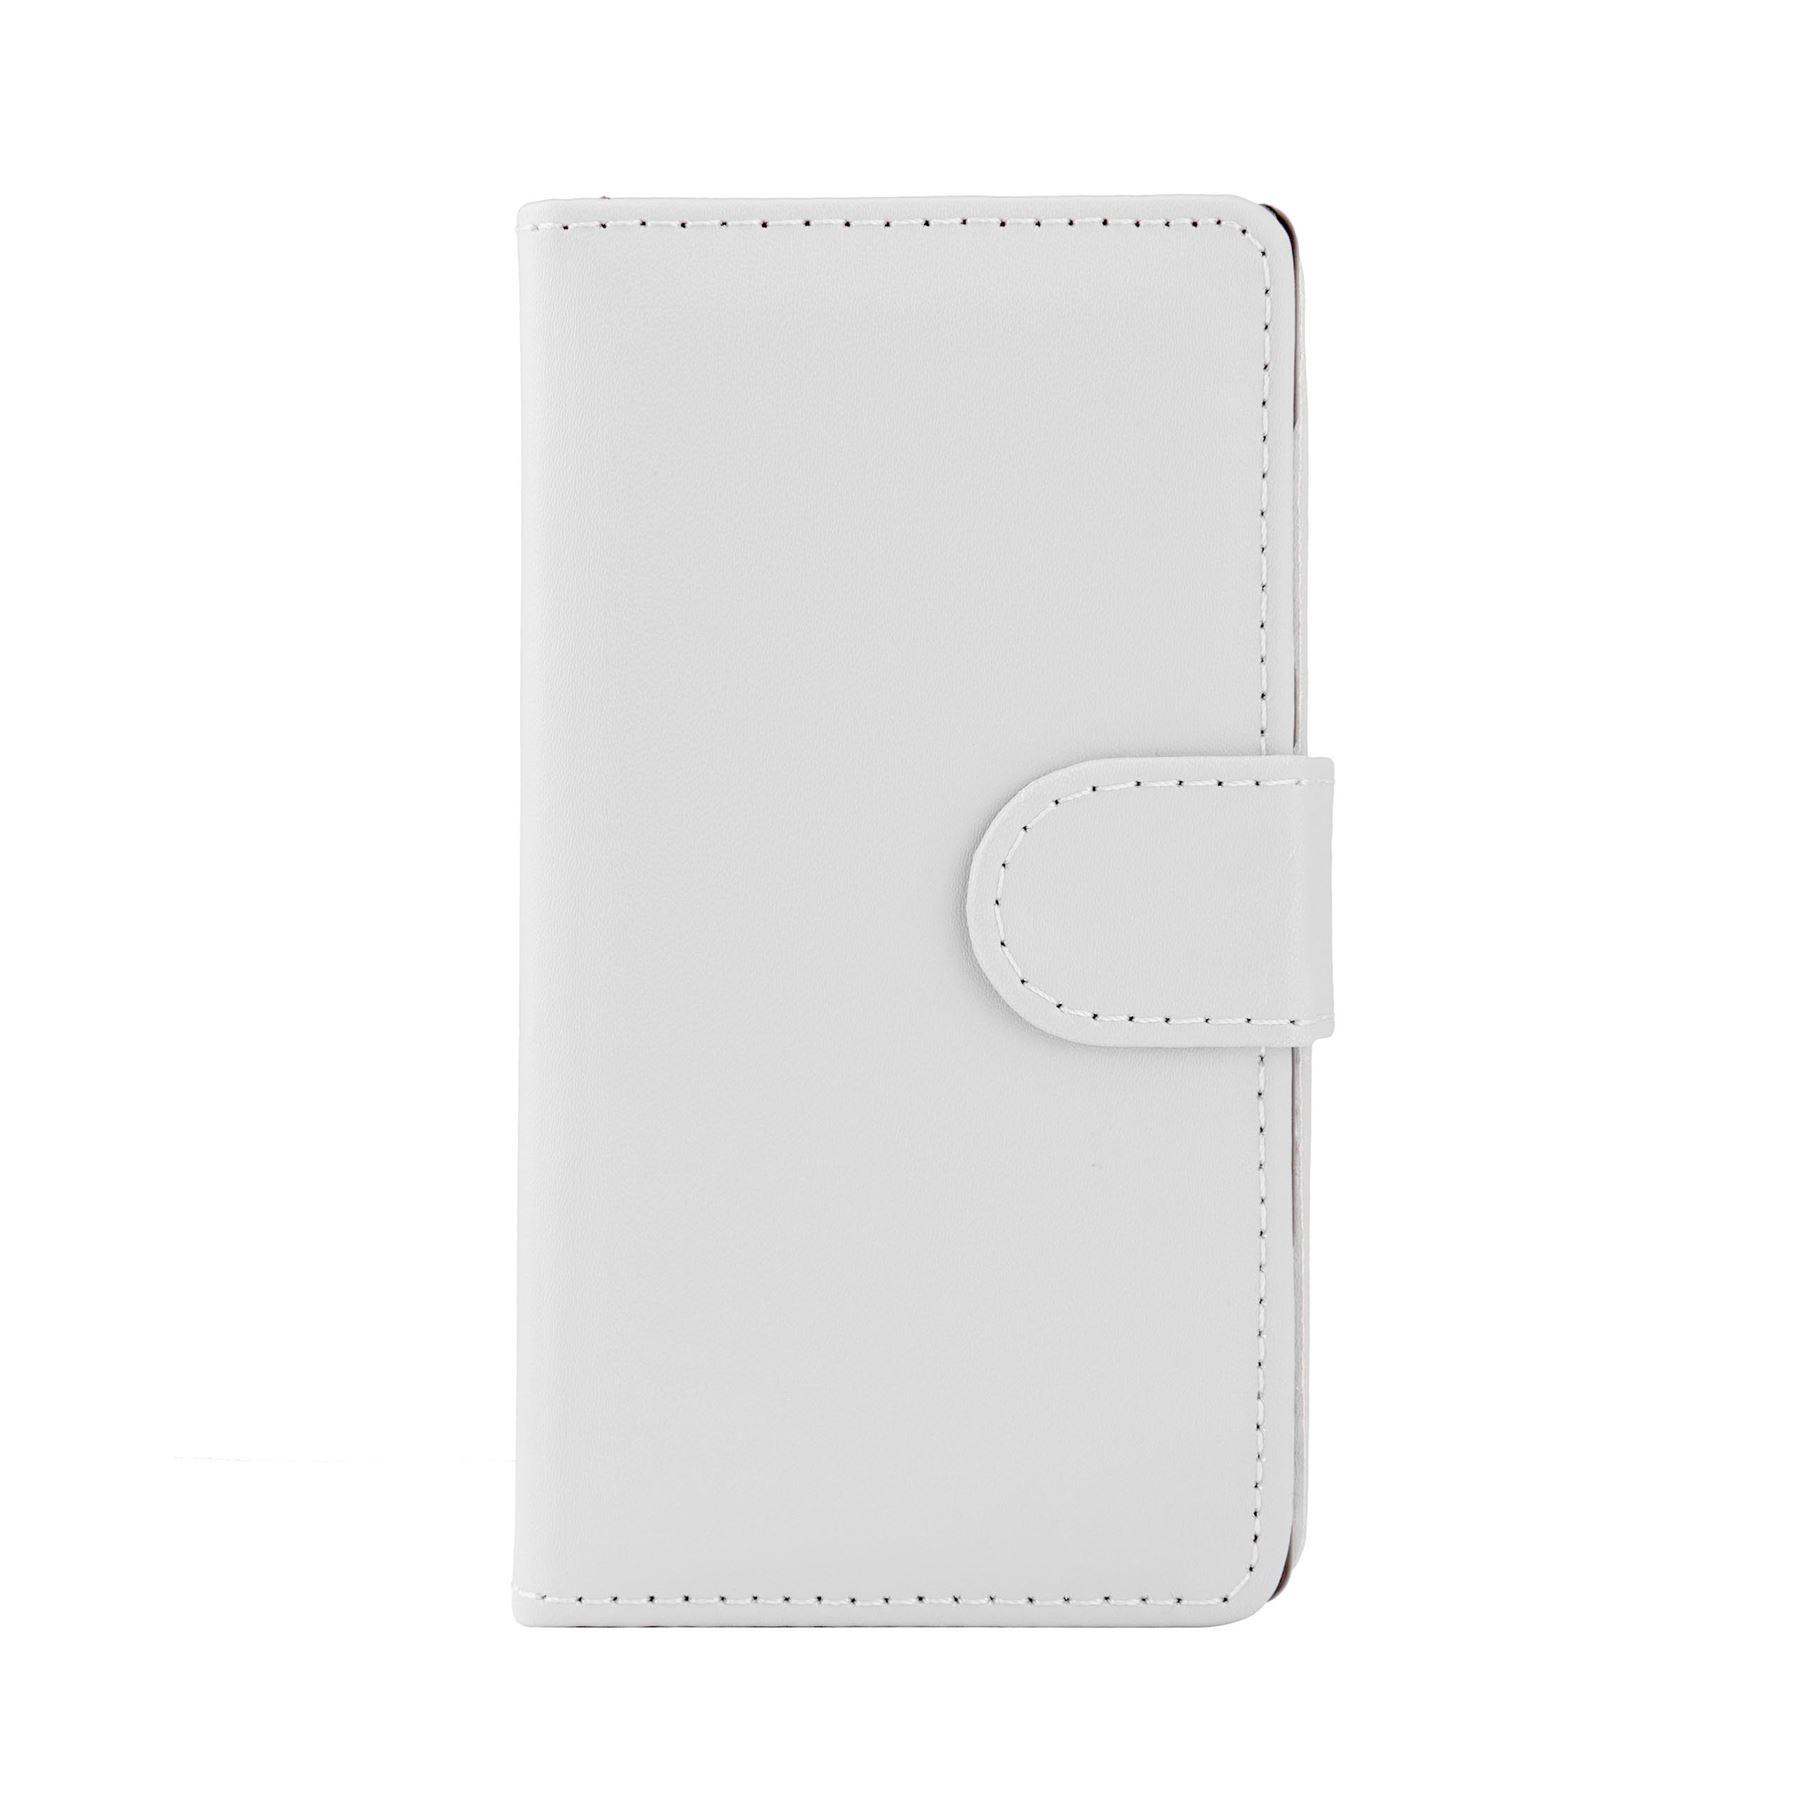 Cuero PU Abatible Billetera Estuche Cubierta para Microsoft Lumia 950 Libro de la serie 32nd